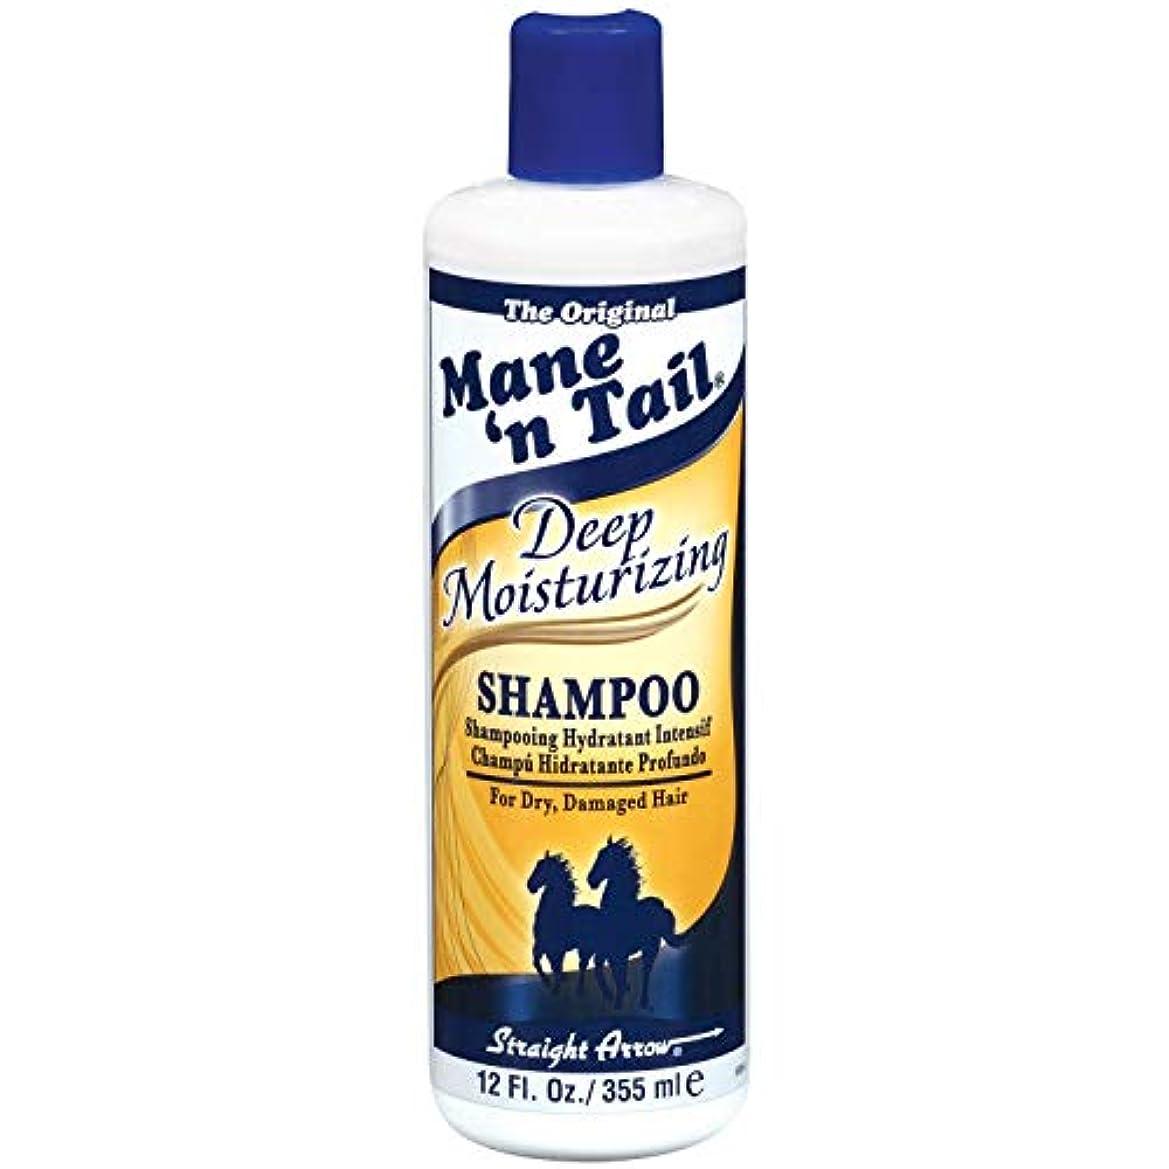 オリエント慈悲ほめる(馬のたてがみ メインテイル ディープ モイスチャライジング 乾燥髪?傷んだ髪用 シャンプー)Mane'n Tail Deep Moisturizing Shampoo (並行輸入品) [並行輸入品]